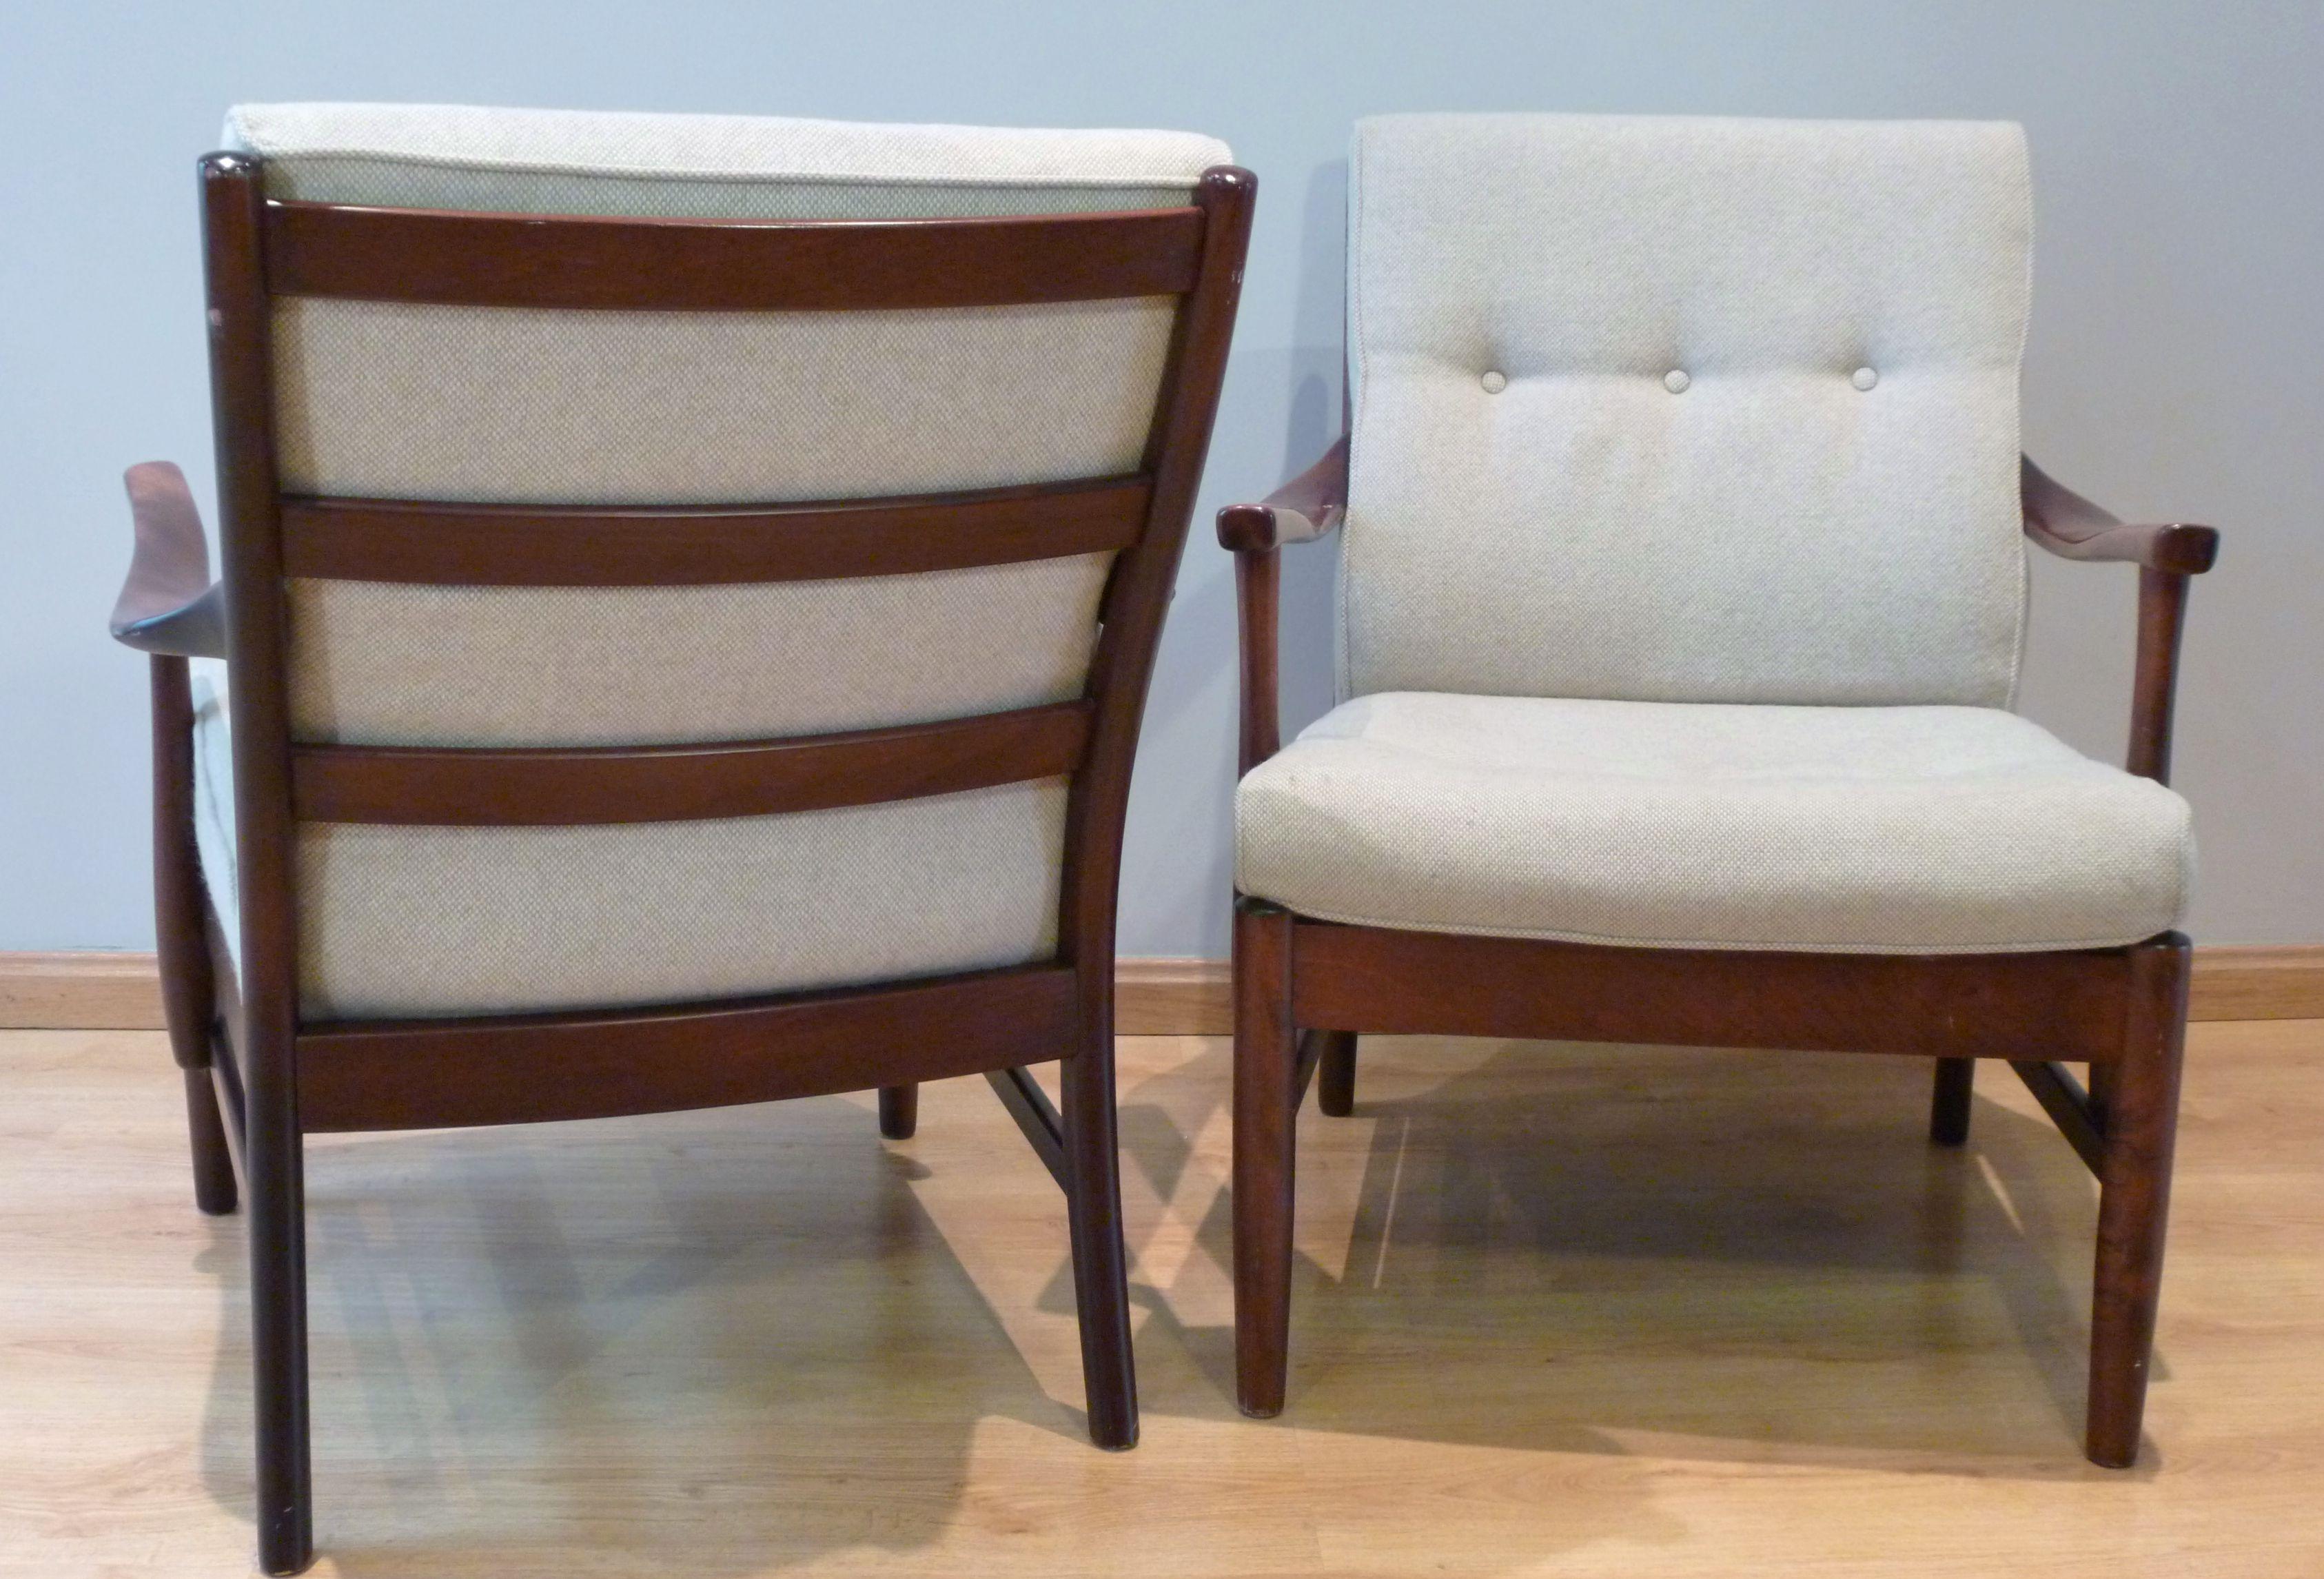 Madrid proyectos que intentar muebles muebles daneses y madera de caoba - Muebles originales madrid ...